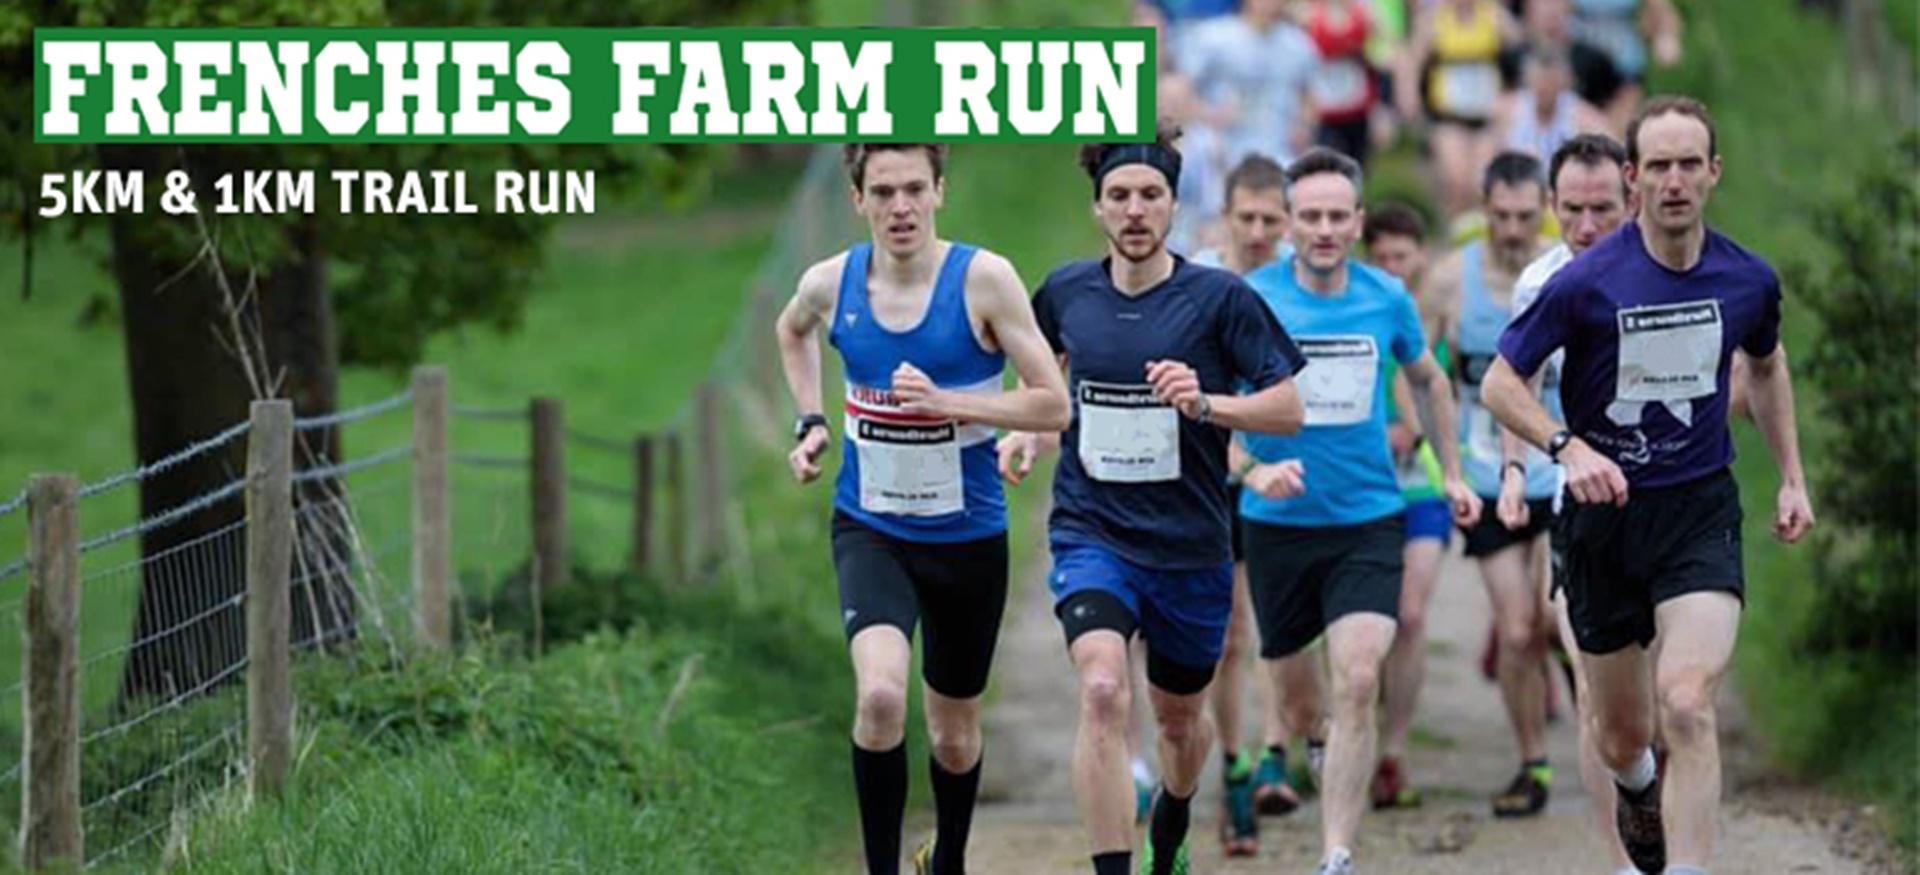 Frenches Farm Run